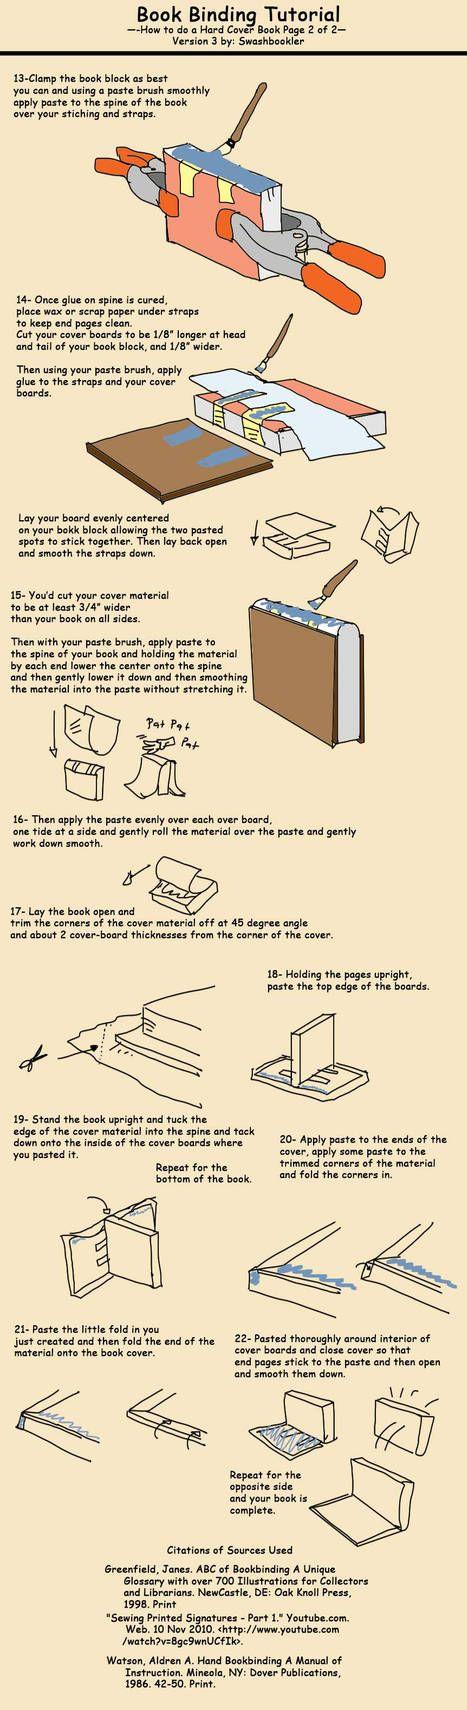 Book Tutorial pg 2 by Swashbookler Book binding diy